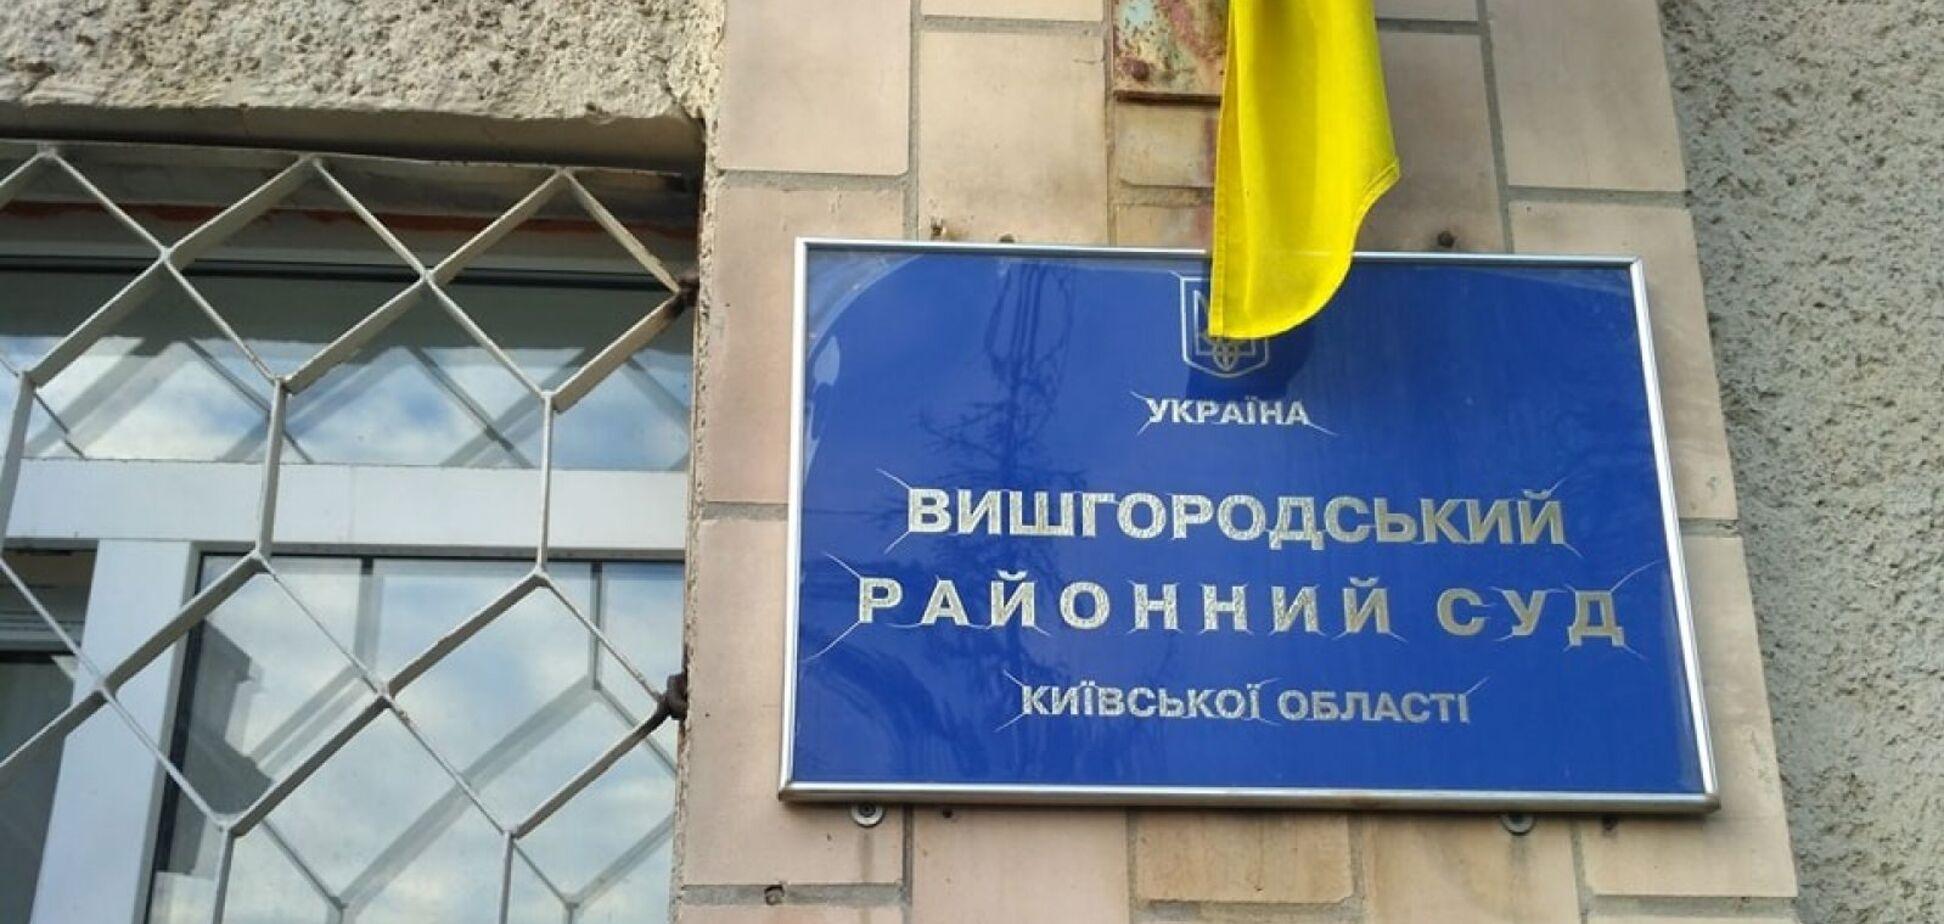 Прокуратура хоче повернути землі в районі Київського моря вартістю 2,5 млн грн